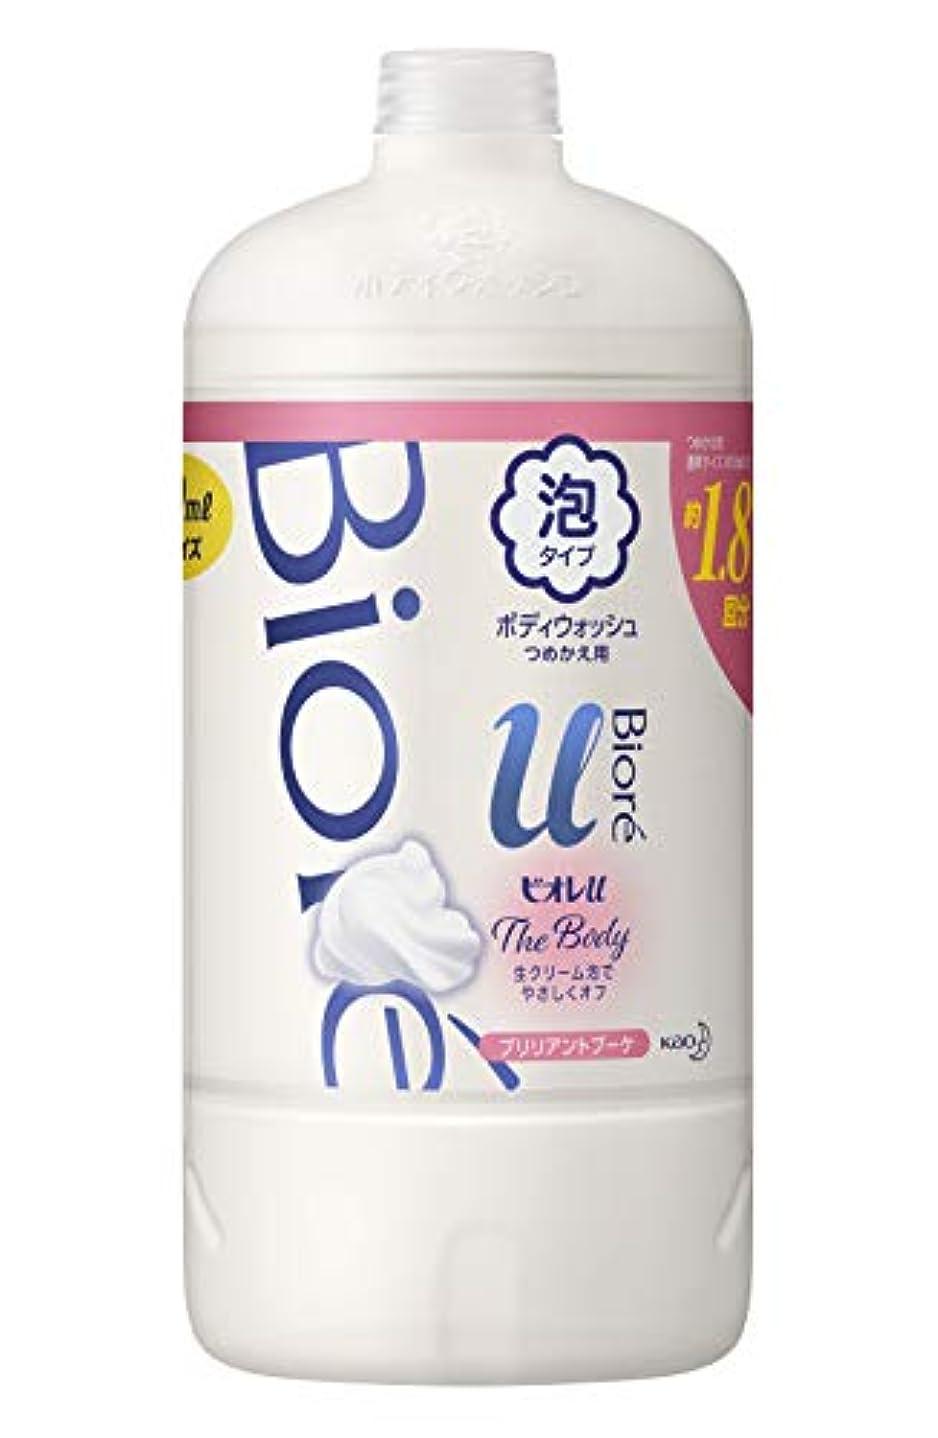 バーガーケージ警察署【大容量】 ビオレu ザ ボディ 〔 The Body 〕 泡タイプ ブリリアントブーケの香り つめかえ用 800ml 「高潤滑処方の生クリーム泡」